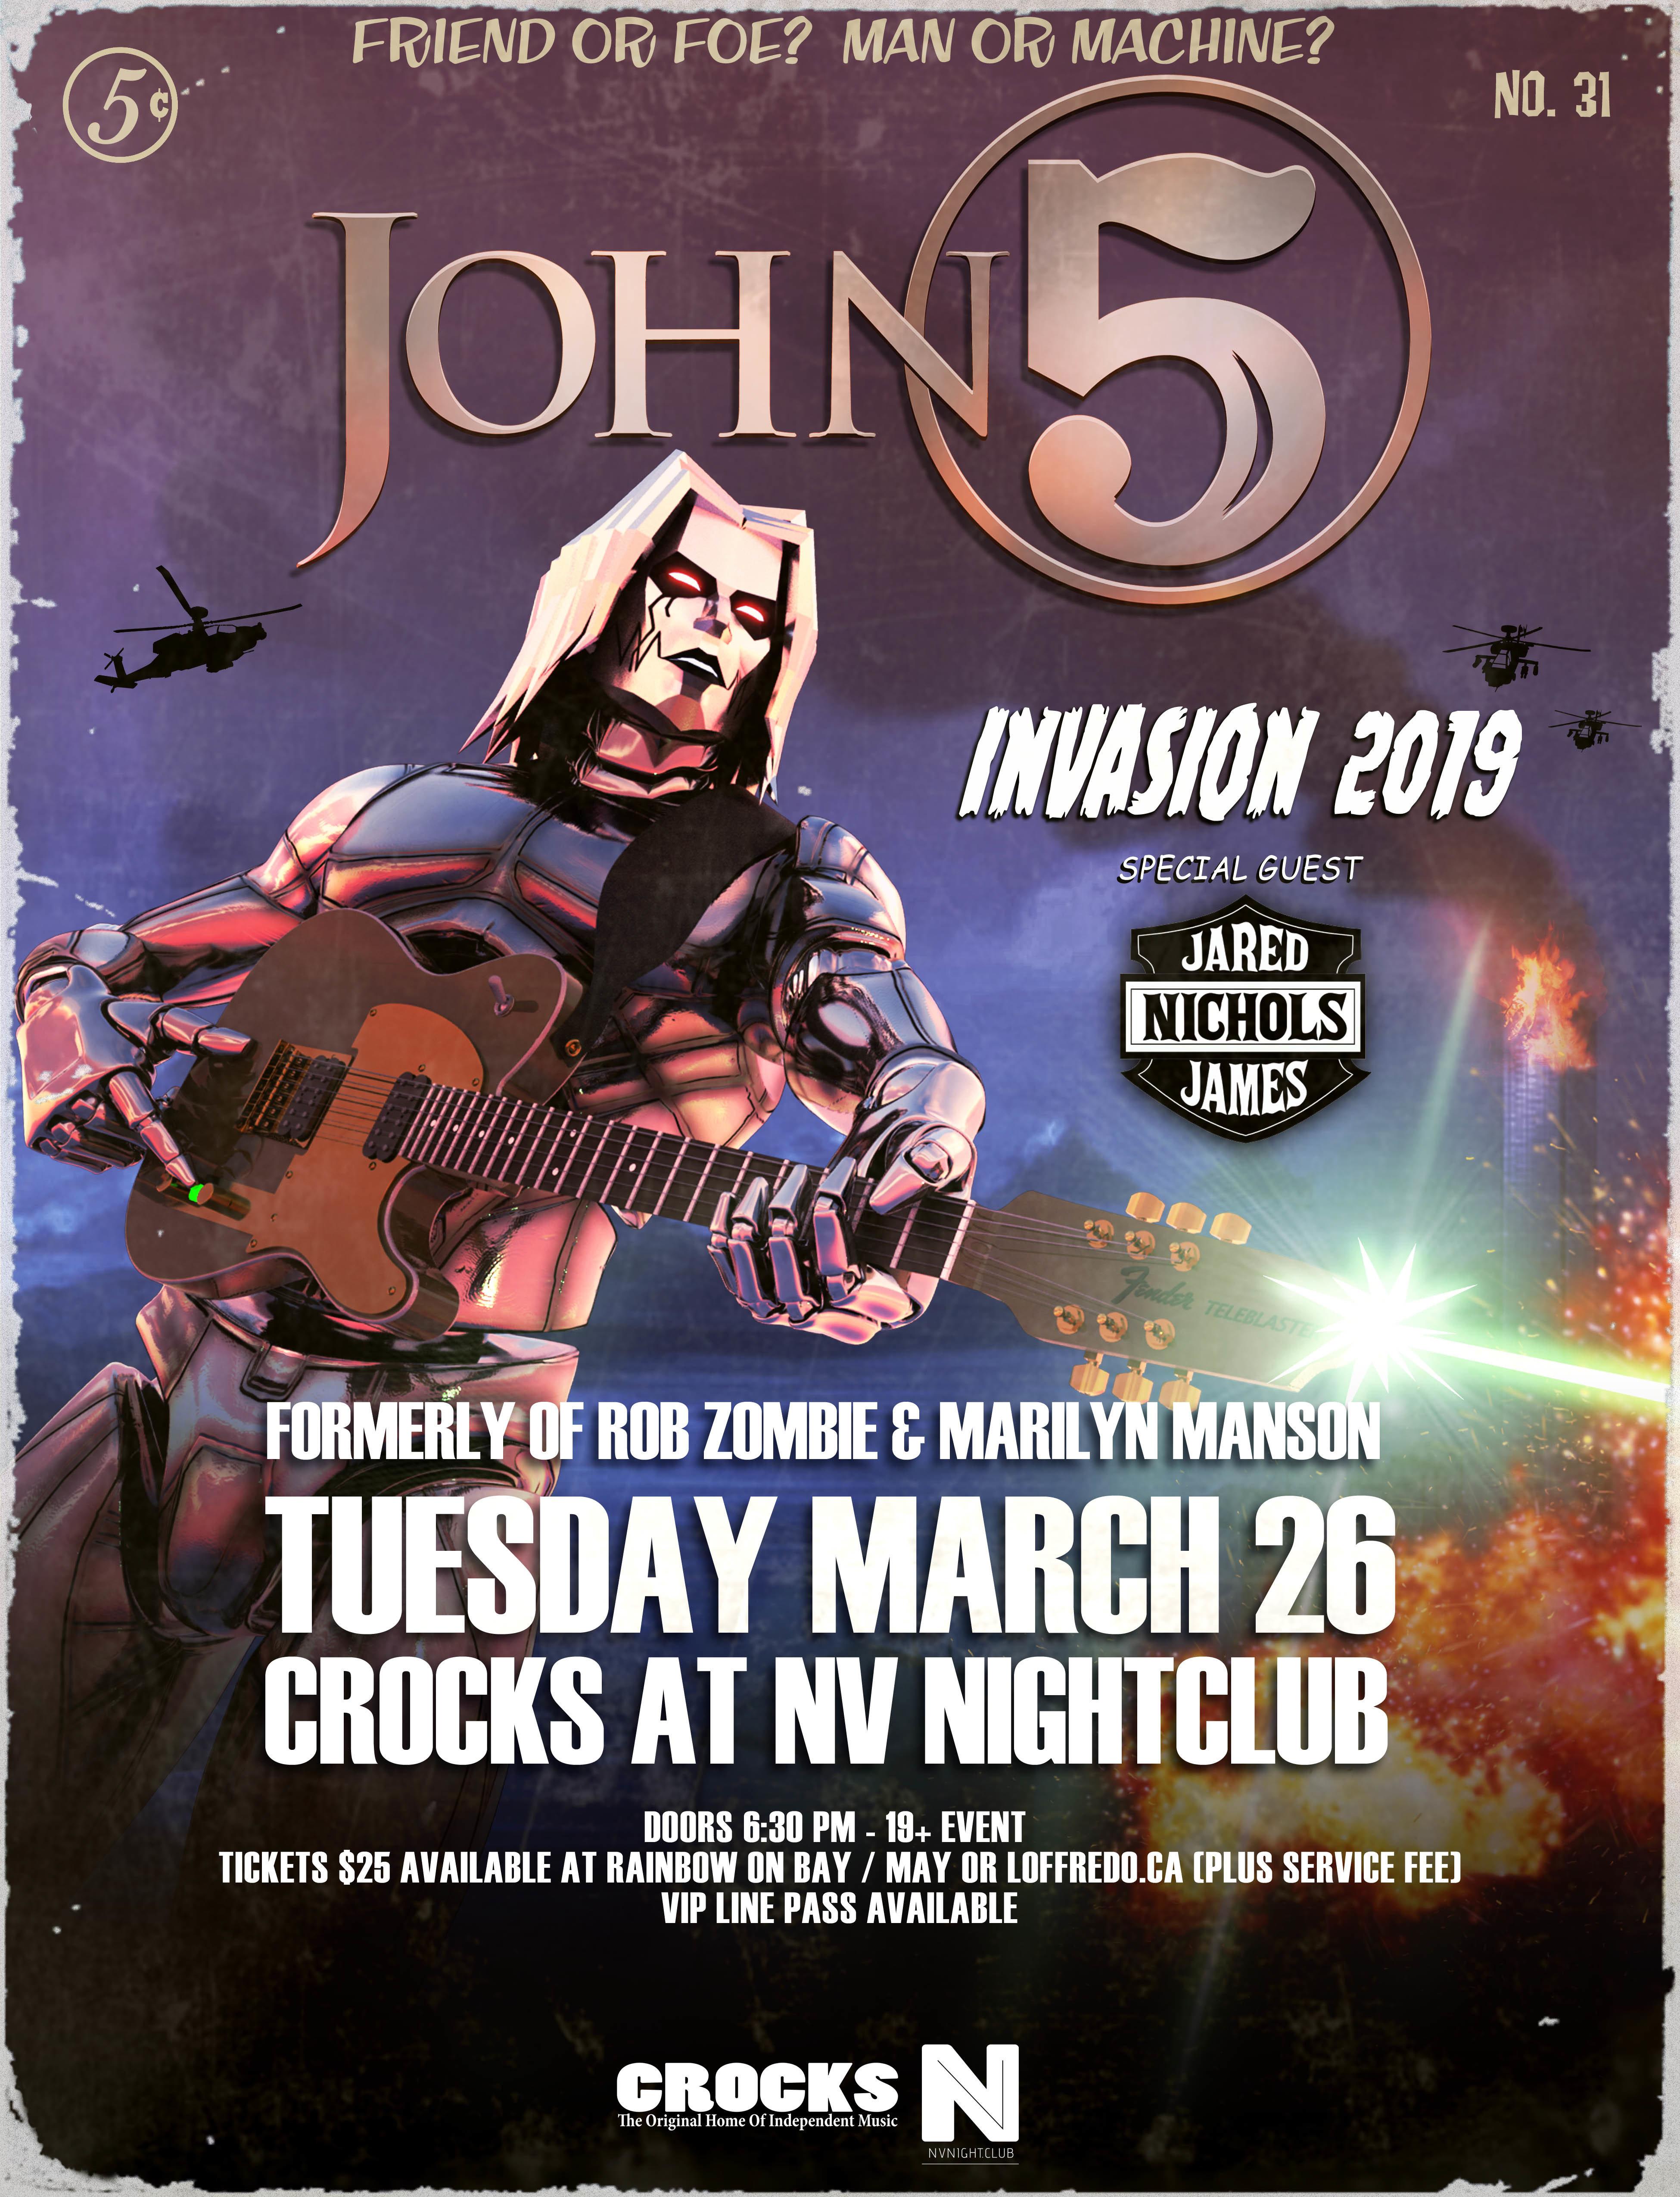 John 5 w/ Jared James Nichols - March 26th at Crocks 00284